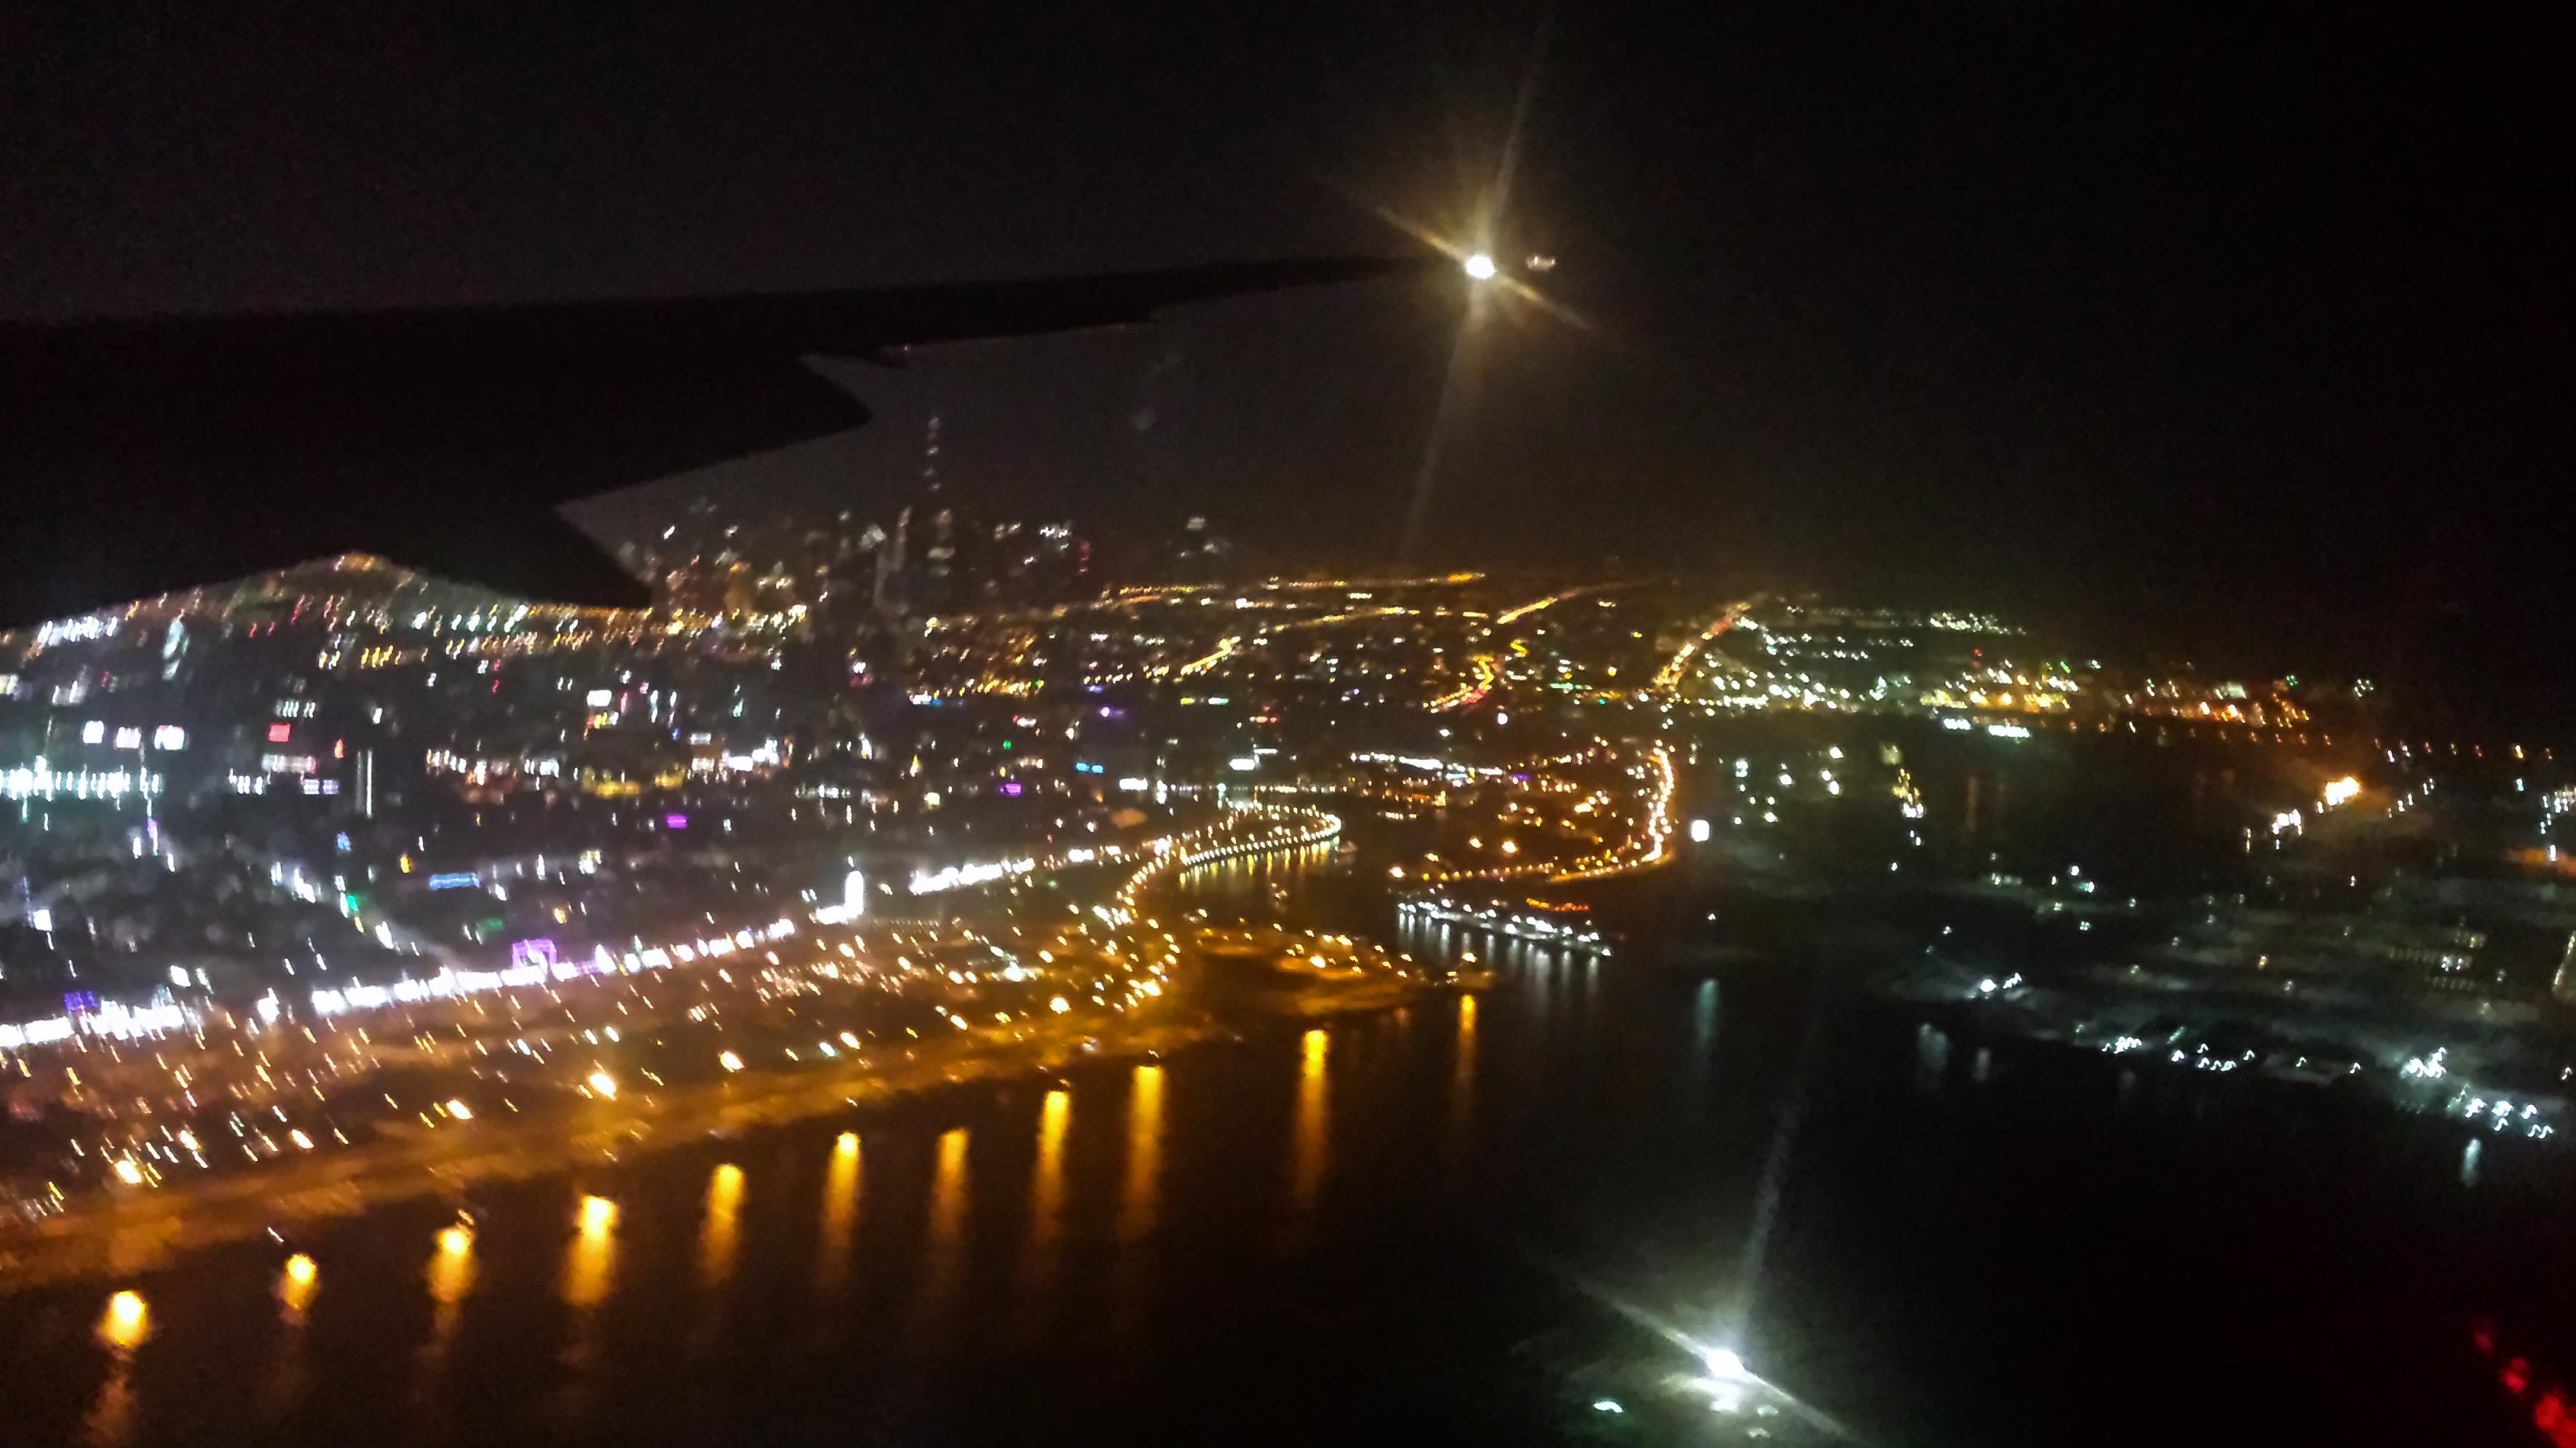 Wycieczka do Dubaju widok z okna samolotu dubaj nocą nightview